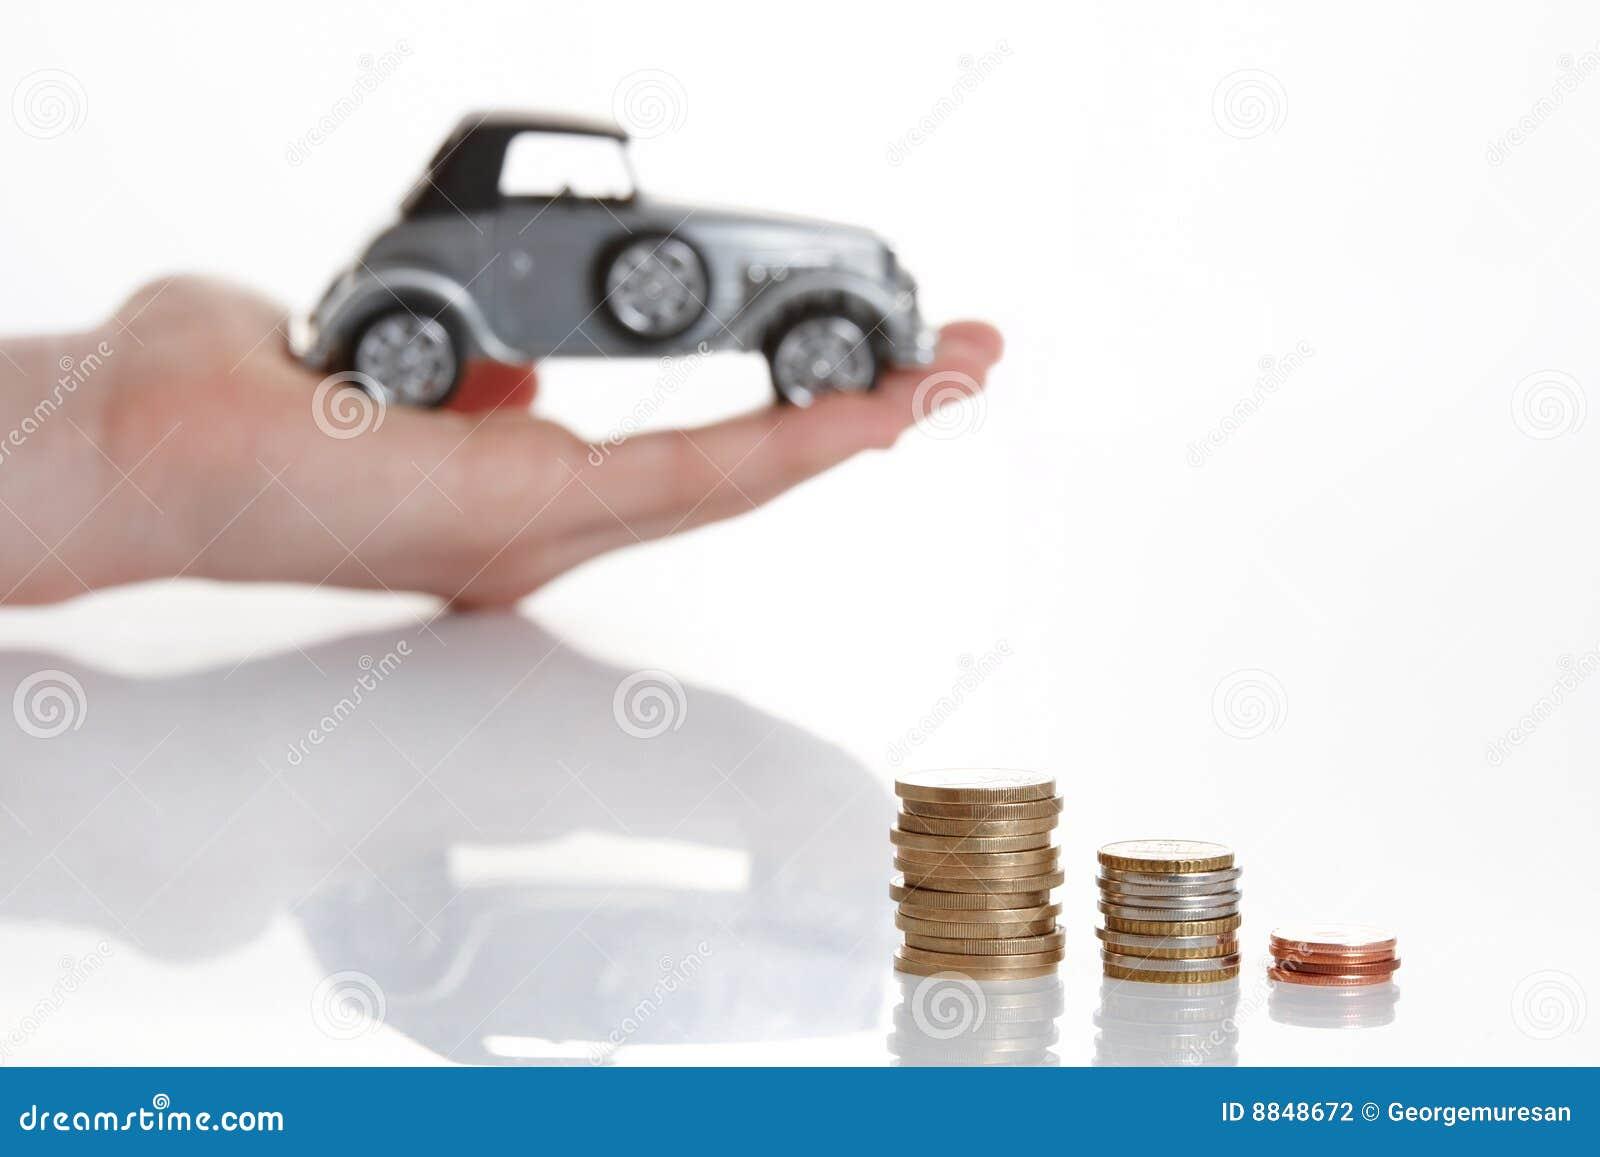 Gutes Angebot Stockfoto Bild Von Konzept Versicherung 8848672